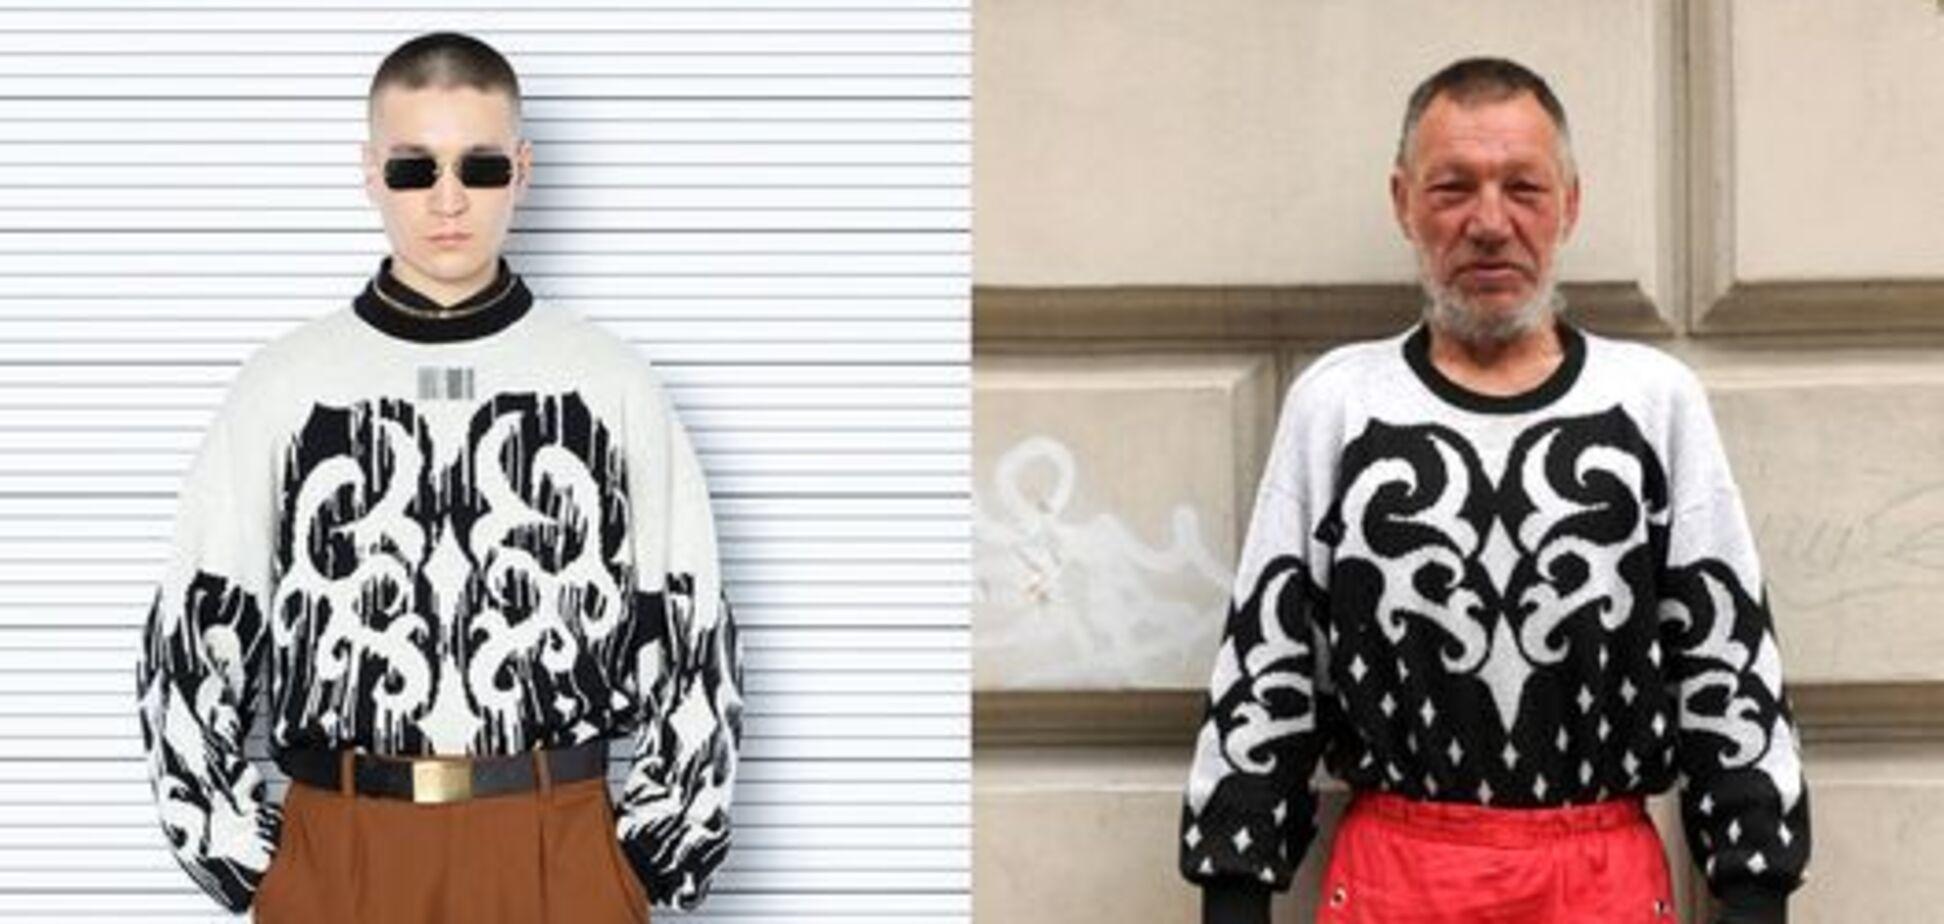 Французский бренд Vetements украл образы у бездомного из Украины. Фото